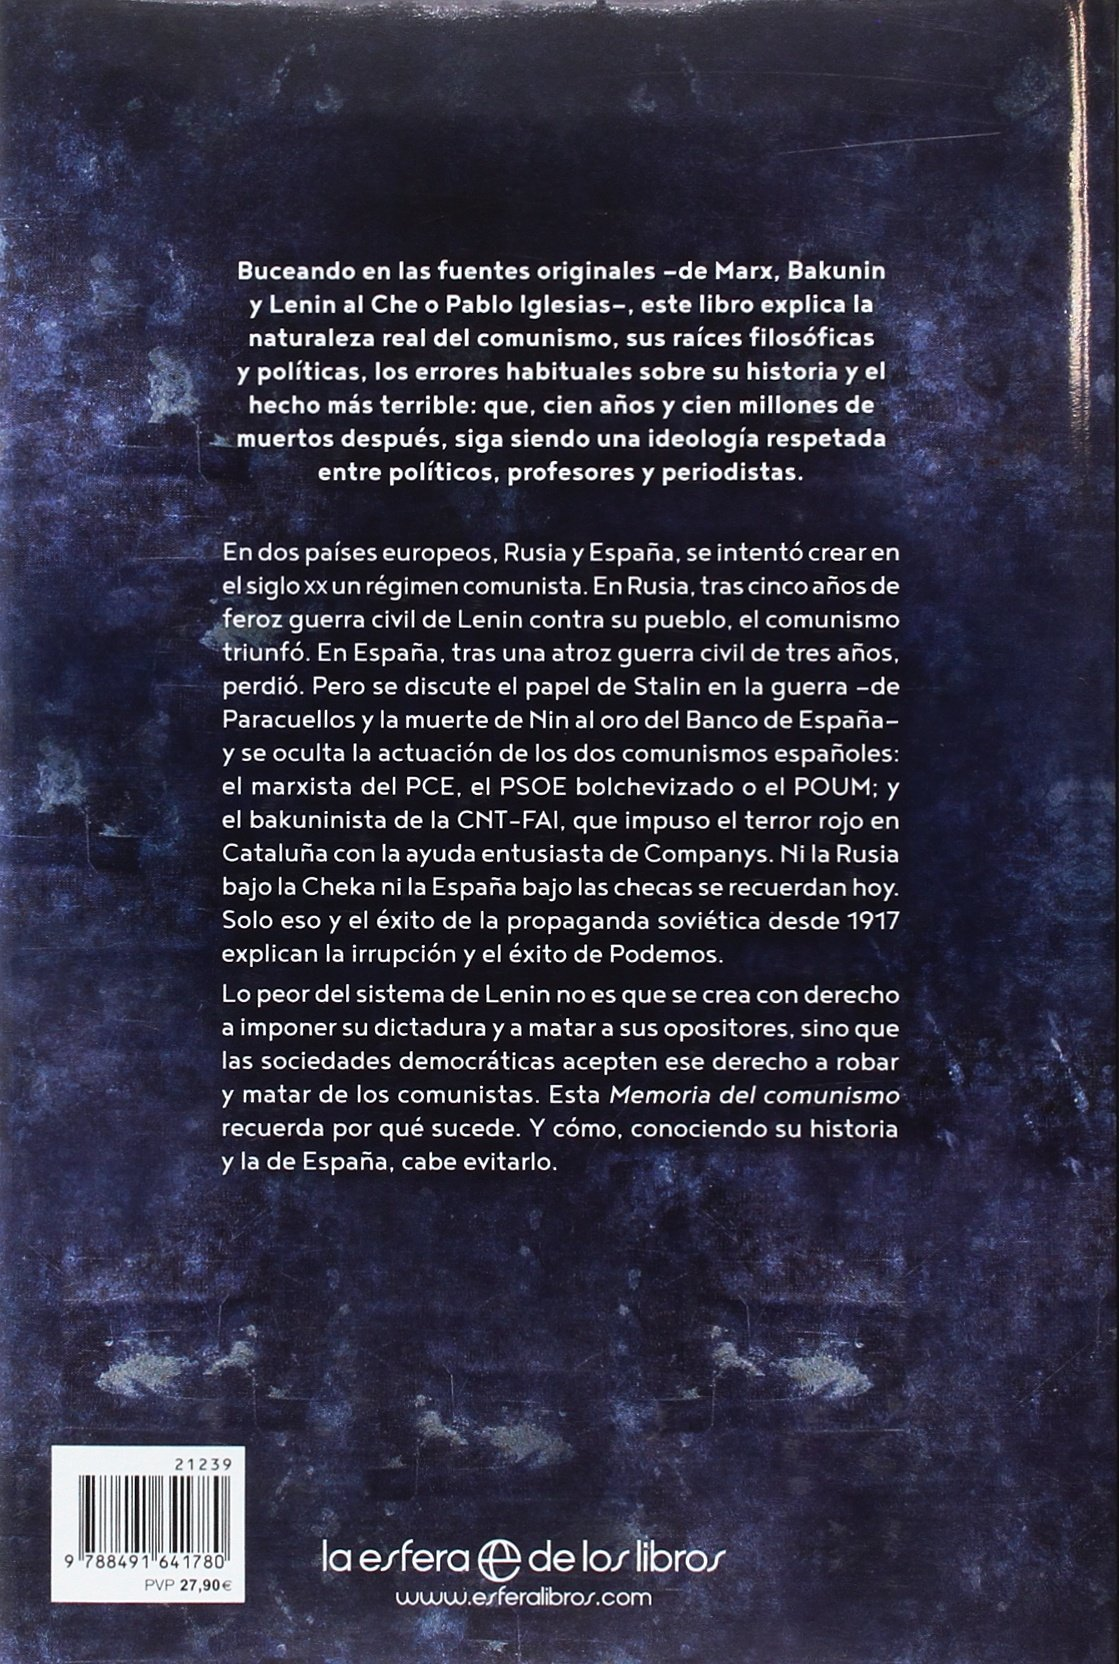 Memoria del comunismo (Historia): Amazon.es: Jiménez Losantos, Federico: Libros